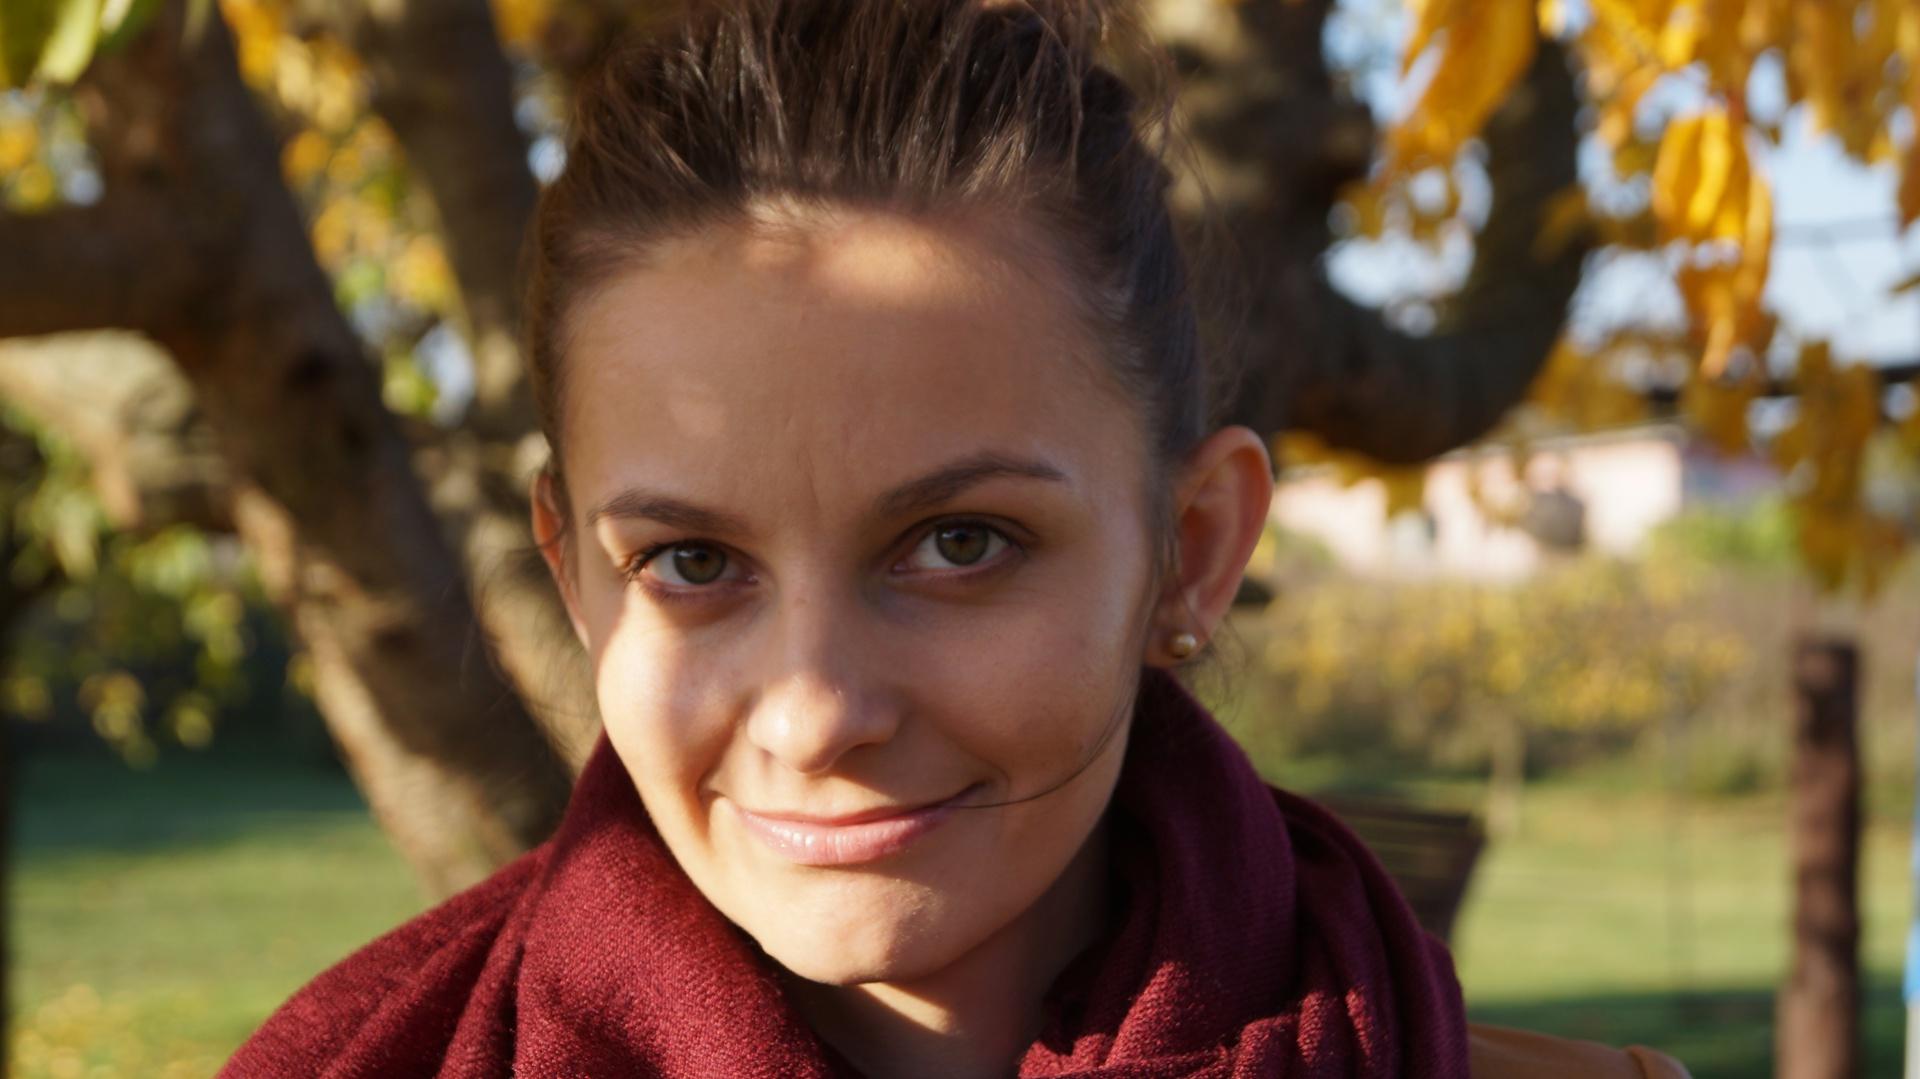 Aurelia Palczewska-Dreszler z ap. studio architektoniczne, która rozpoczęła współpracę z firmą Halex. Fot. Halex